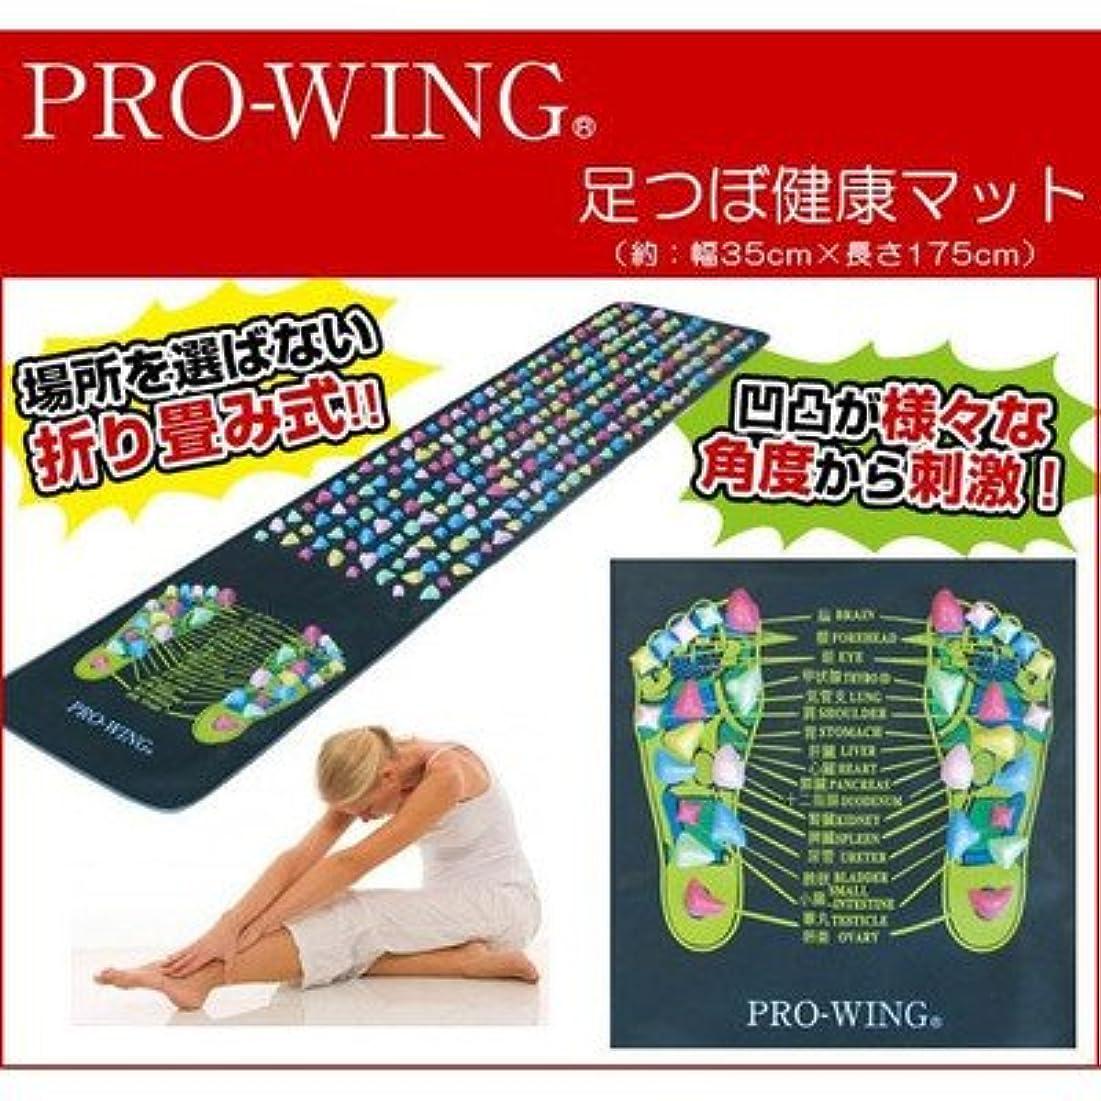 雑品証言戦争カラフルで可愛らしい凹凸が様々な角度から刺激 PRO-WING プロウィング 足つぼ健康マット PWF-1001